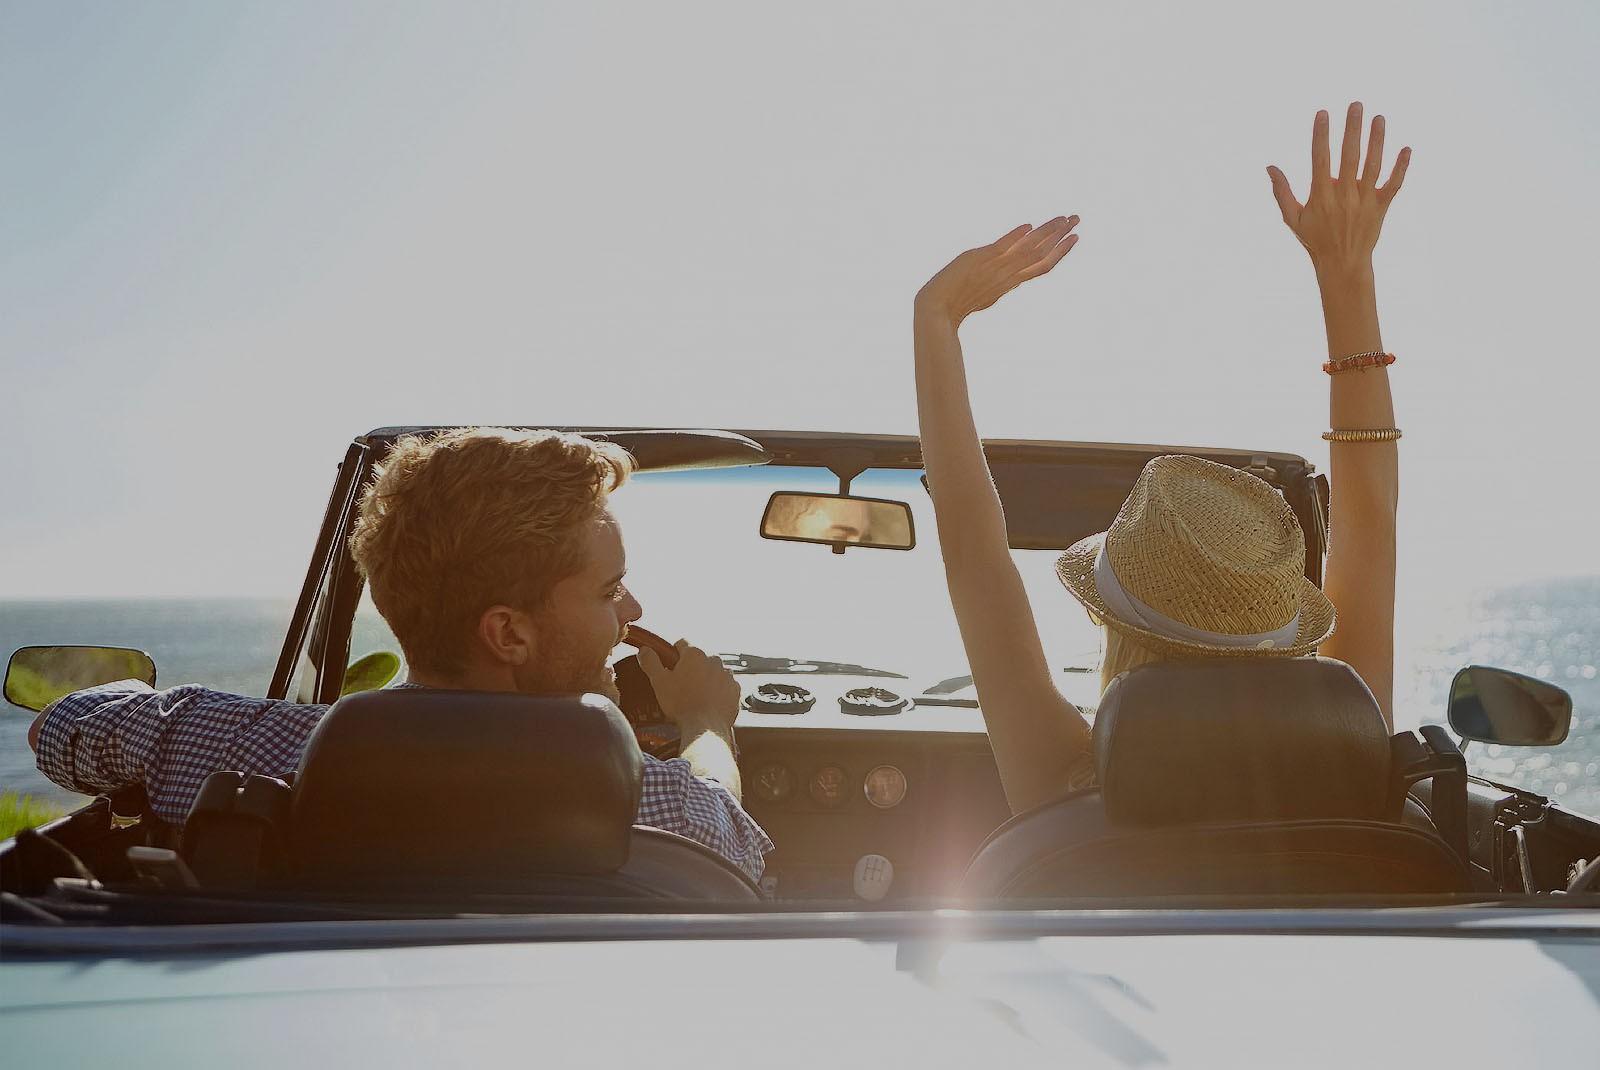 توصیه های سفرهای جادهای